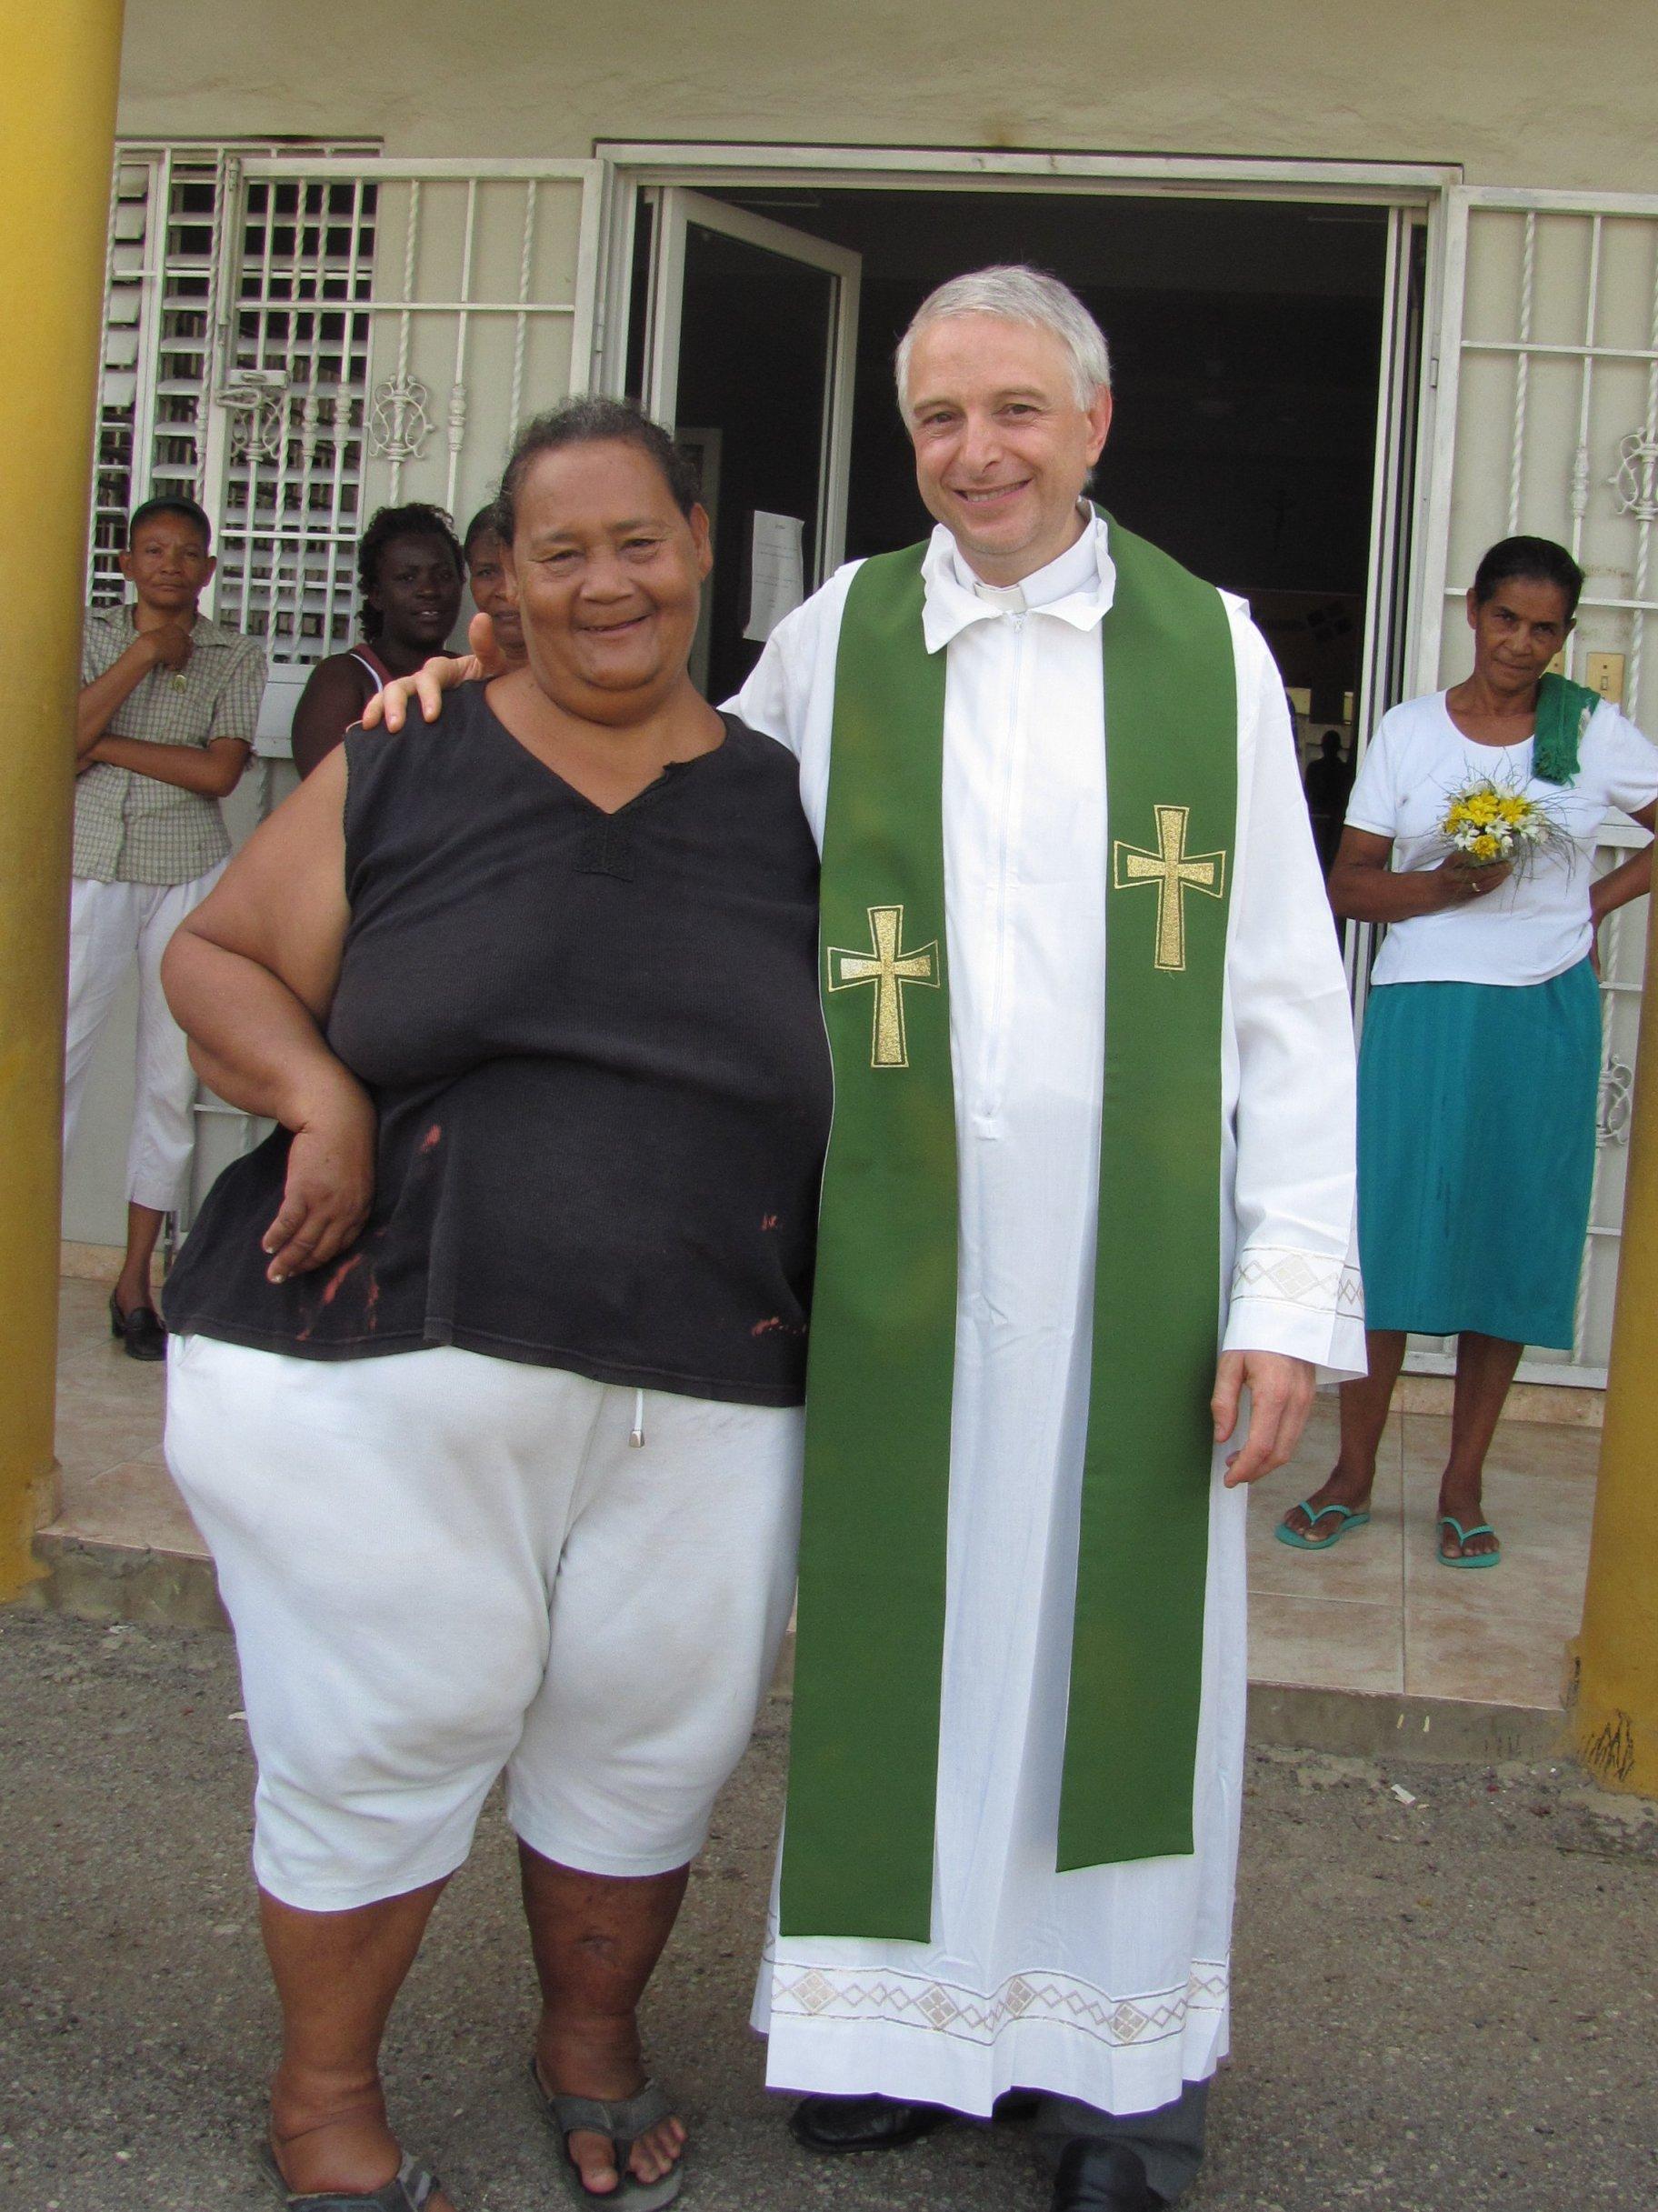 guaricano_misa_dispensario_2012-06-25-07-55-16